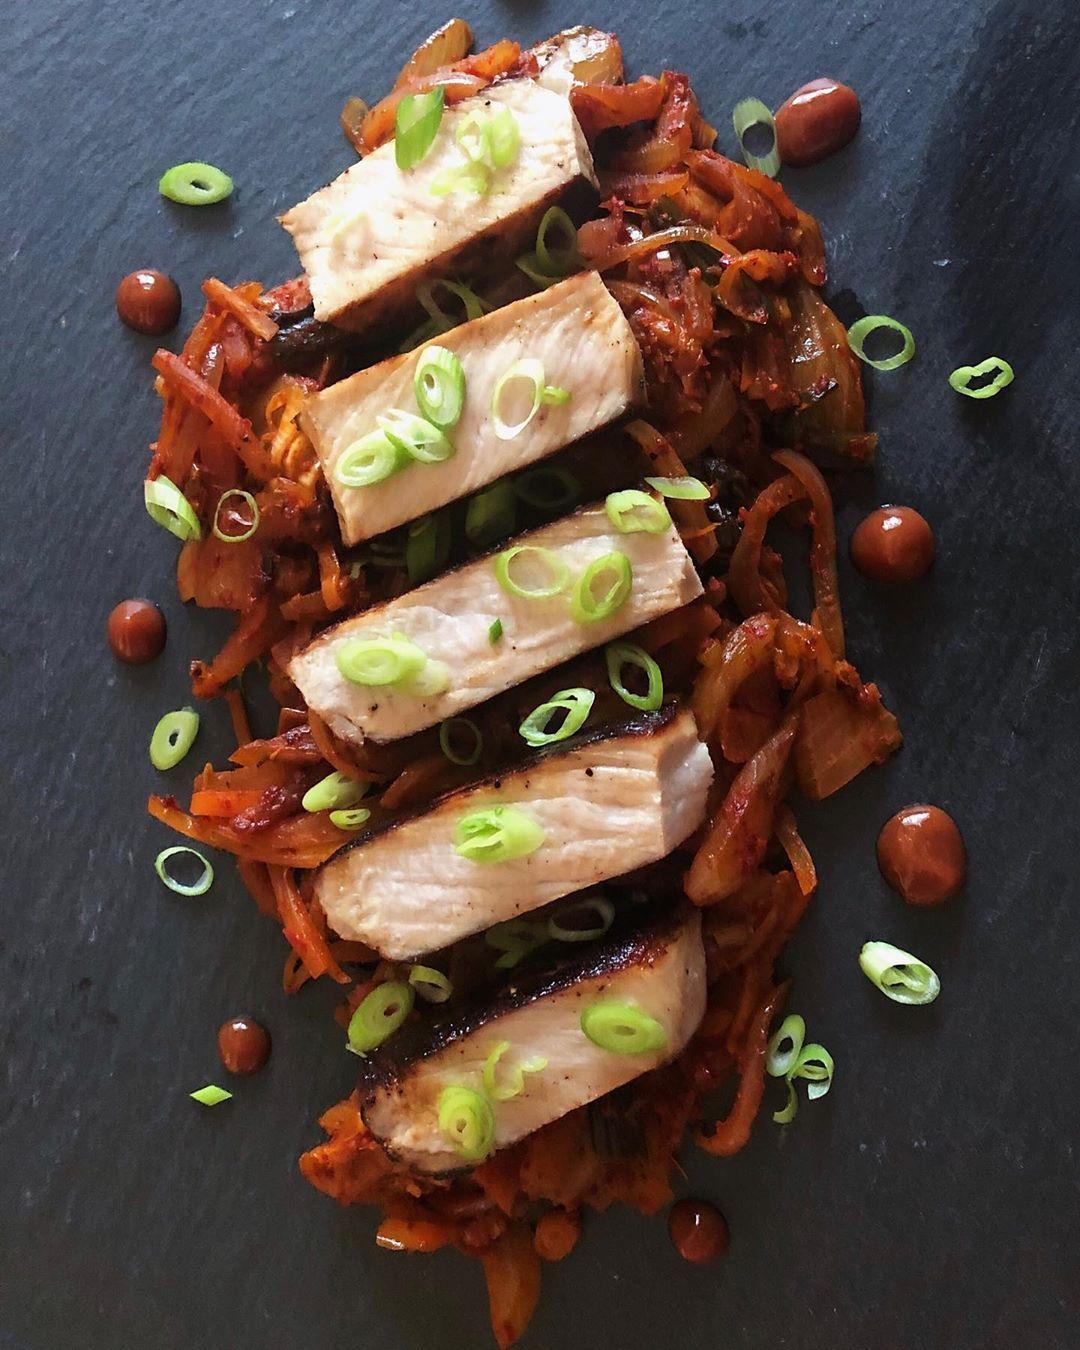 Najwaniejsze jest pierwsze wraenie, a to zdjcie nie jest takie ze Wieprzowina marynowana w miso / smaone kimchi / dymka / ketchup umamiMiso marinated pork / sauteed kimchi / scallion / umami ketchup#food